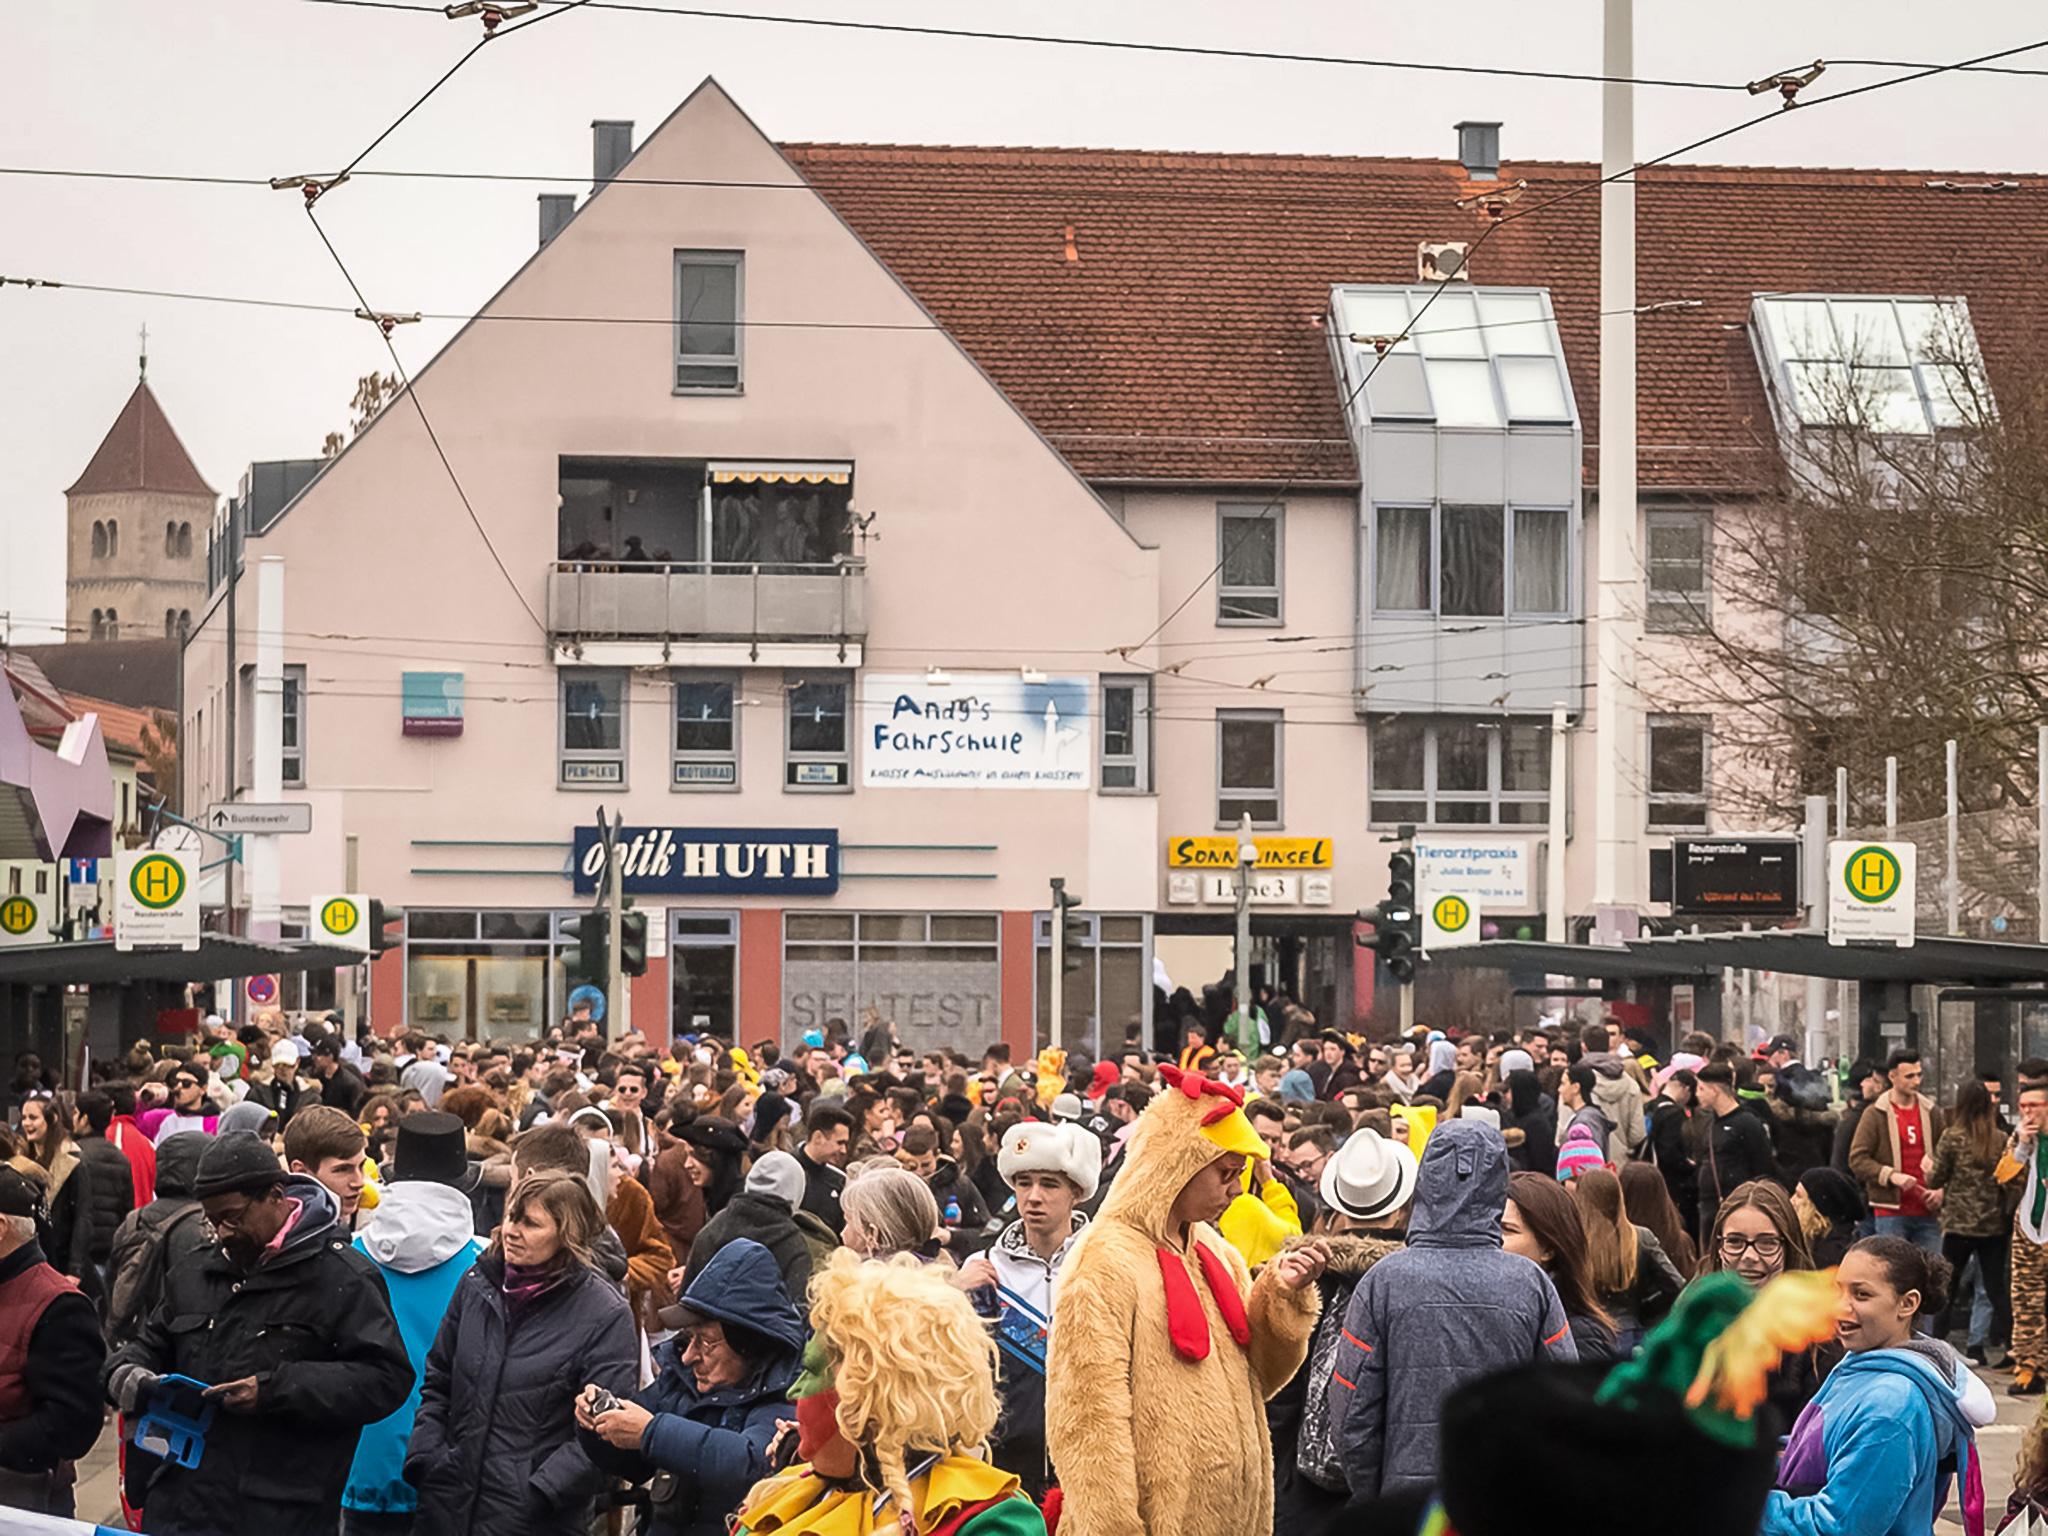 Die Reuterstraße beim Hätzfelder Faschingsumzug im letzten Jahr. Foto: Pascal Höfig